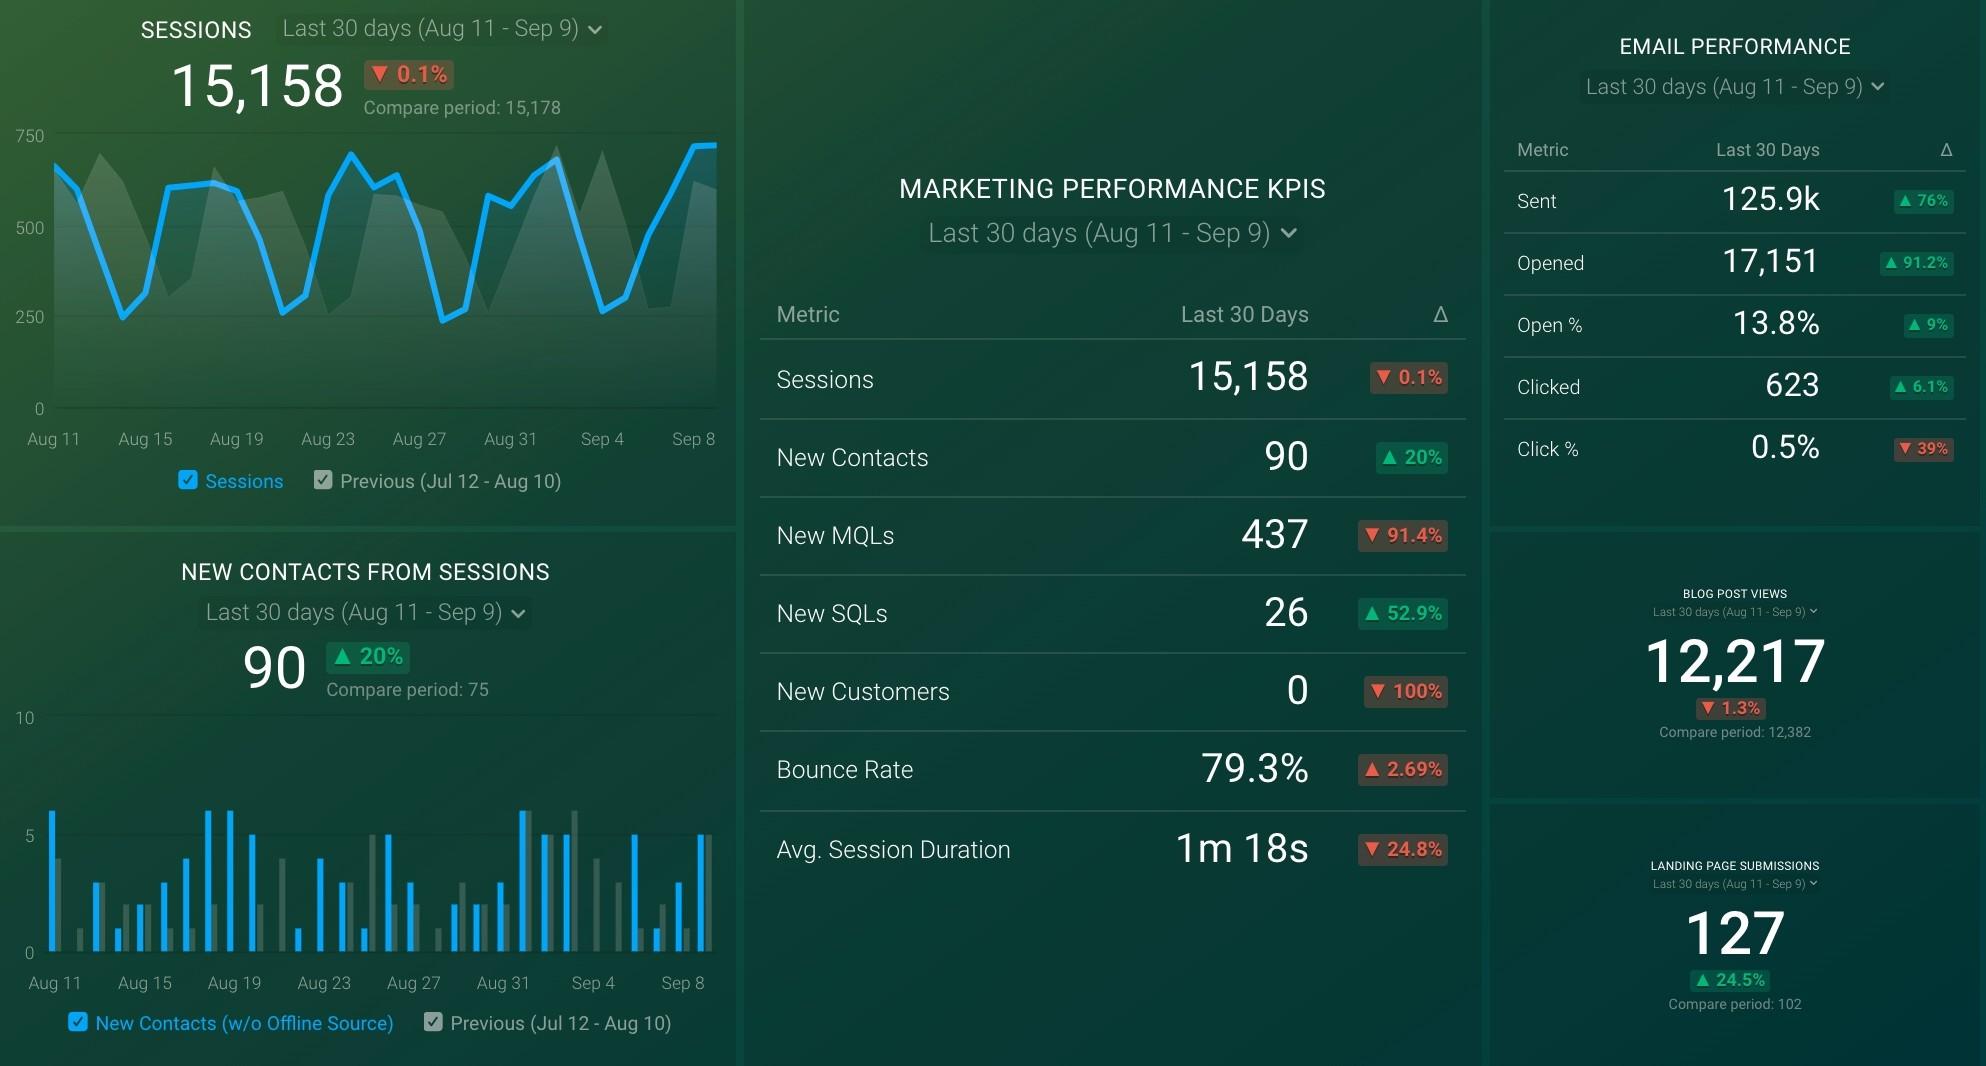 HubSpot Marketing Overview Dashboard